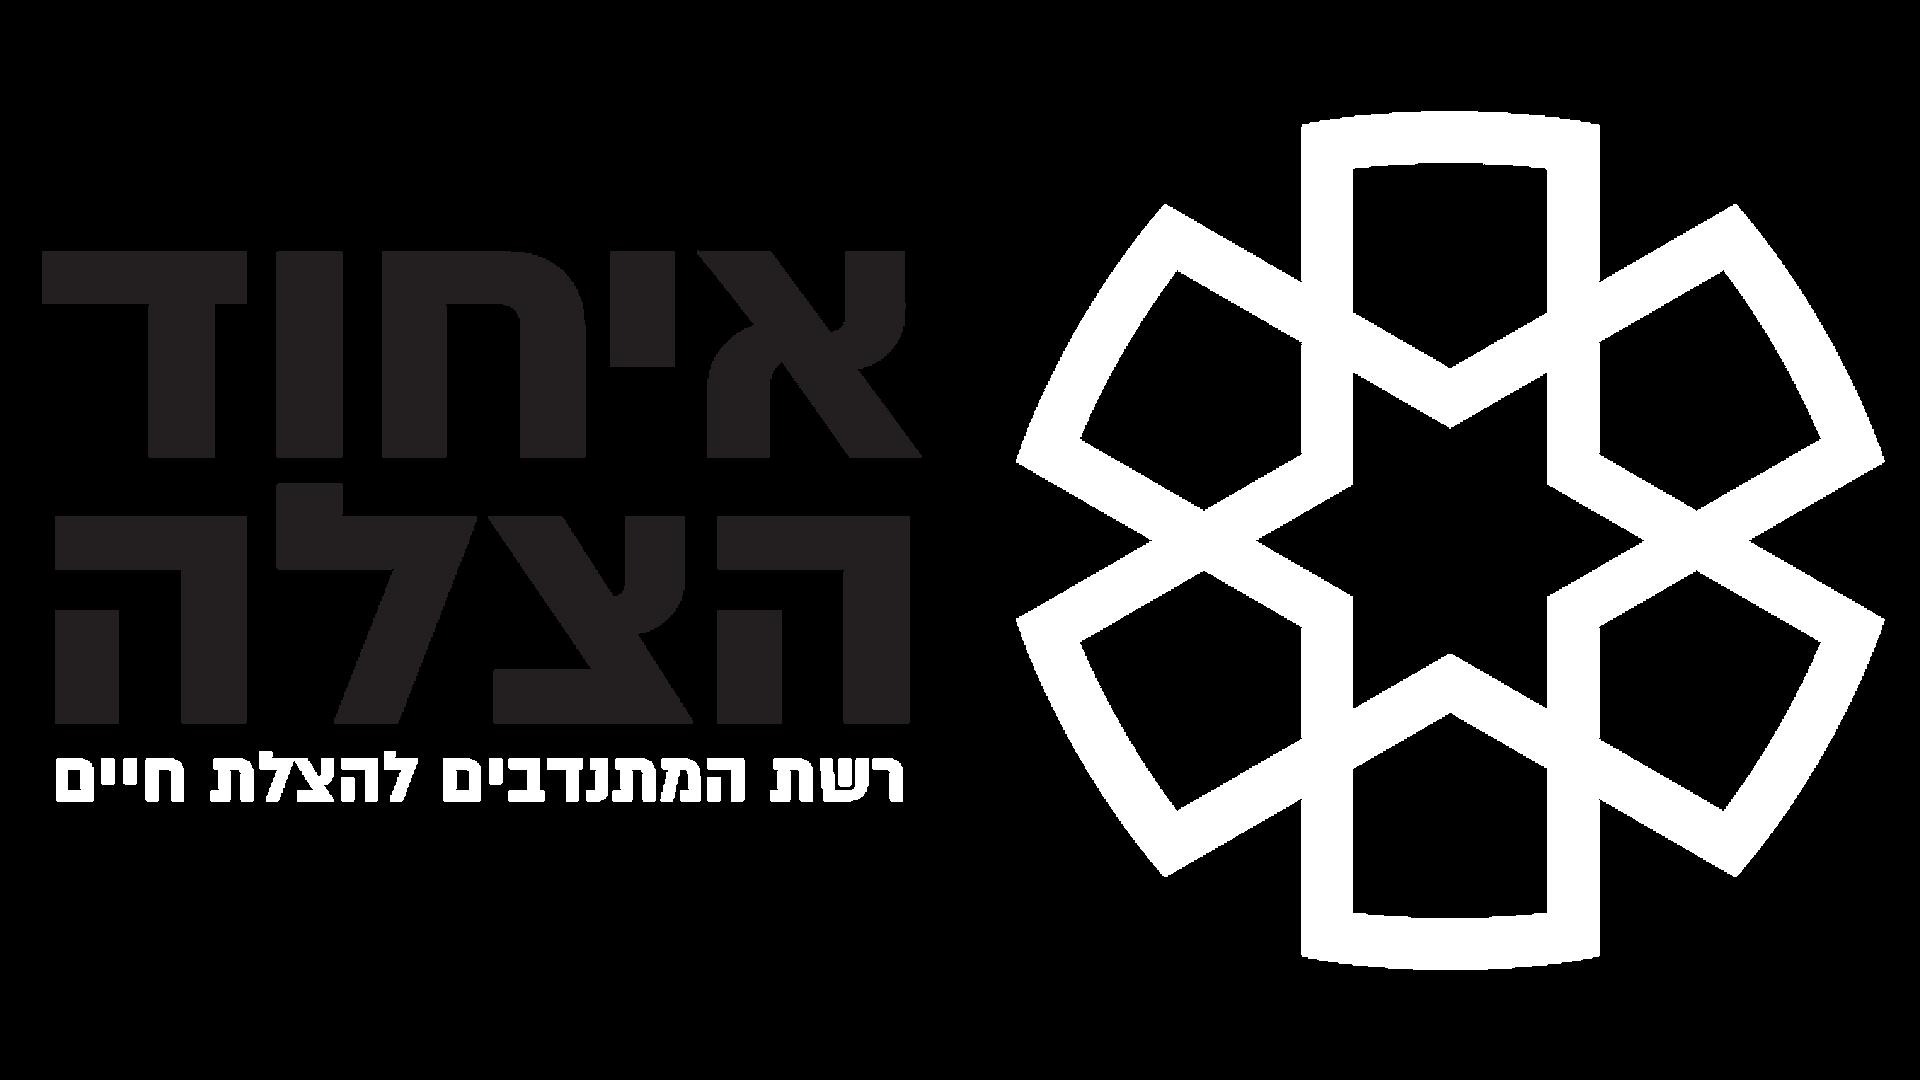 לוגו עברית איחוד הצלה רוחב לבן שקוף